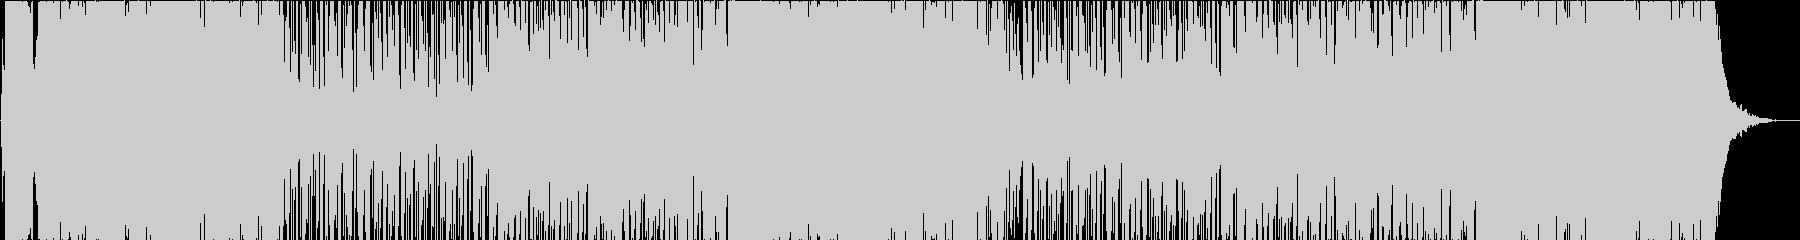 エモーショナルで感動的なHIPHOPの未再生の波形